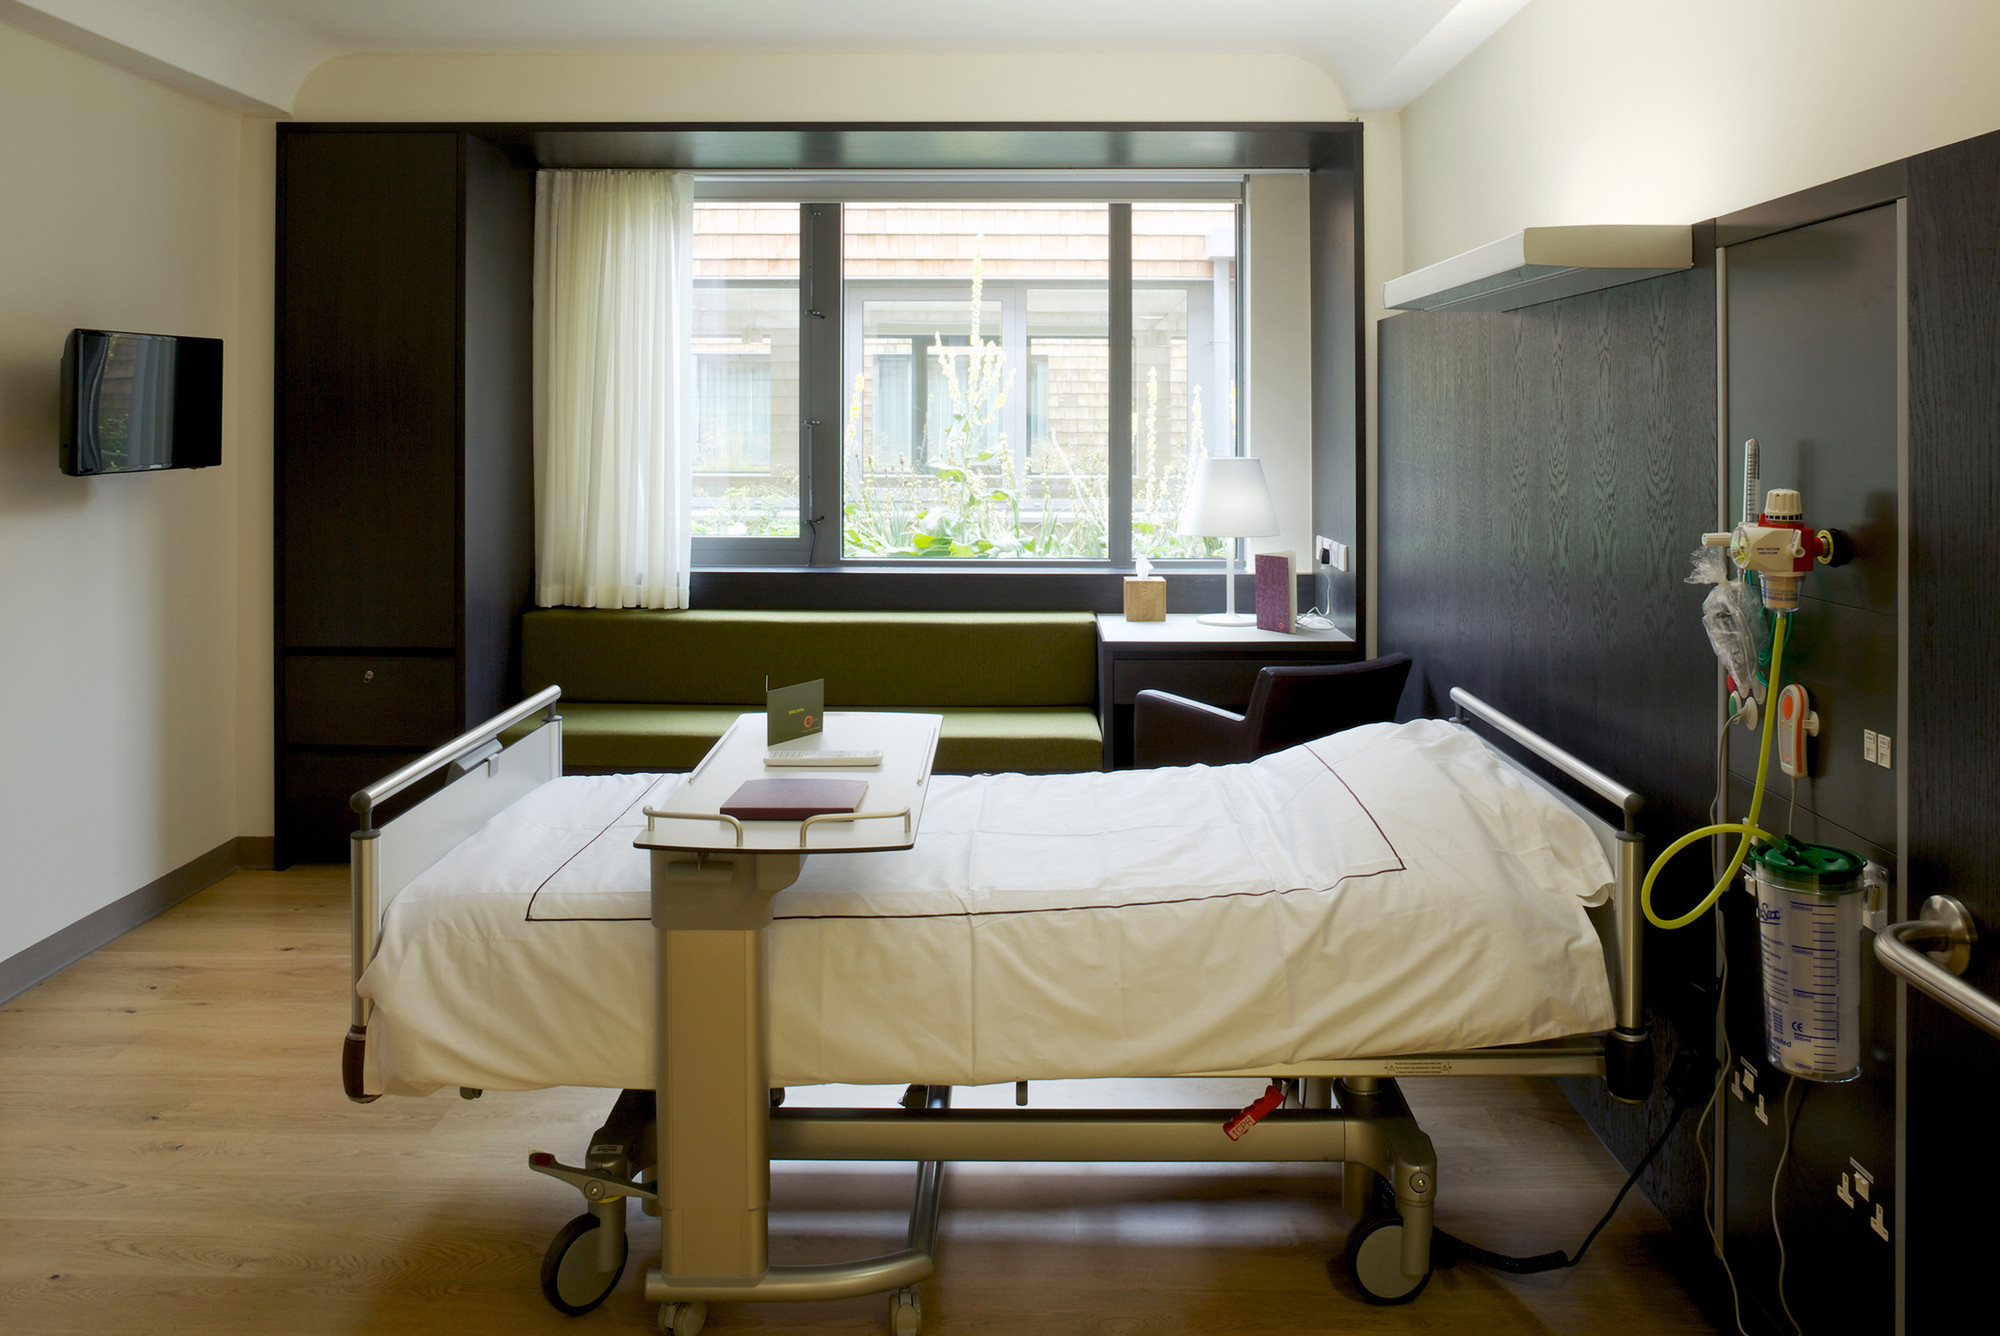 Bedroom Set Cost